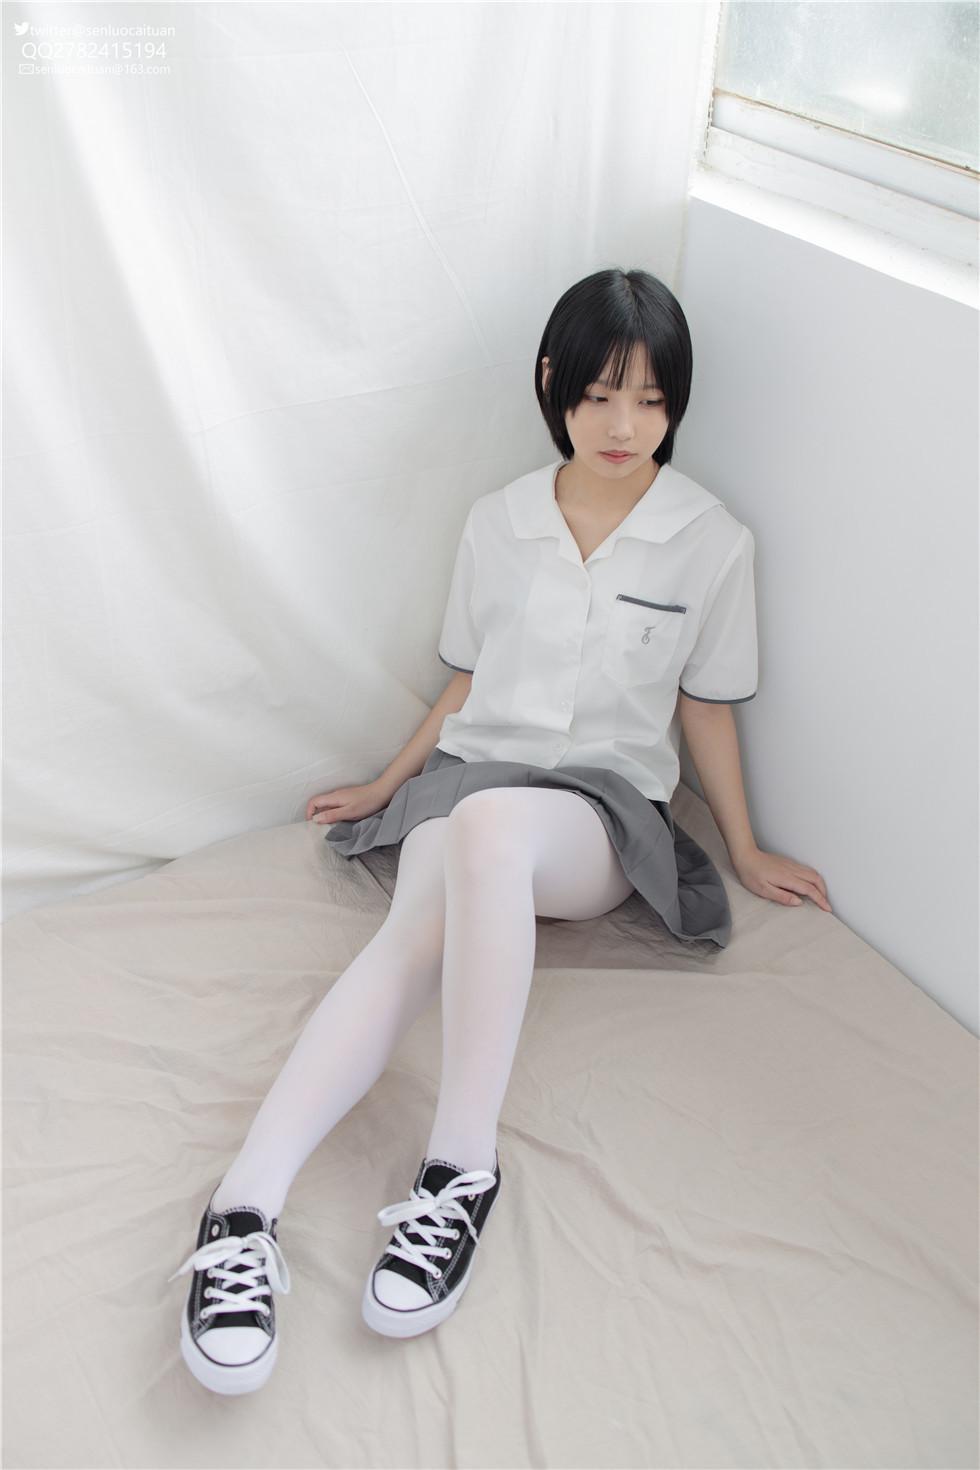 少女白丝诱惑~JKFUN 最新妹汁